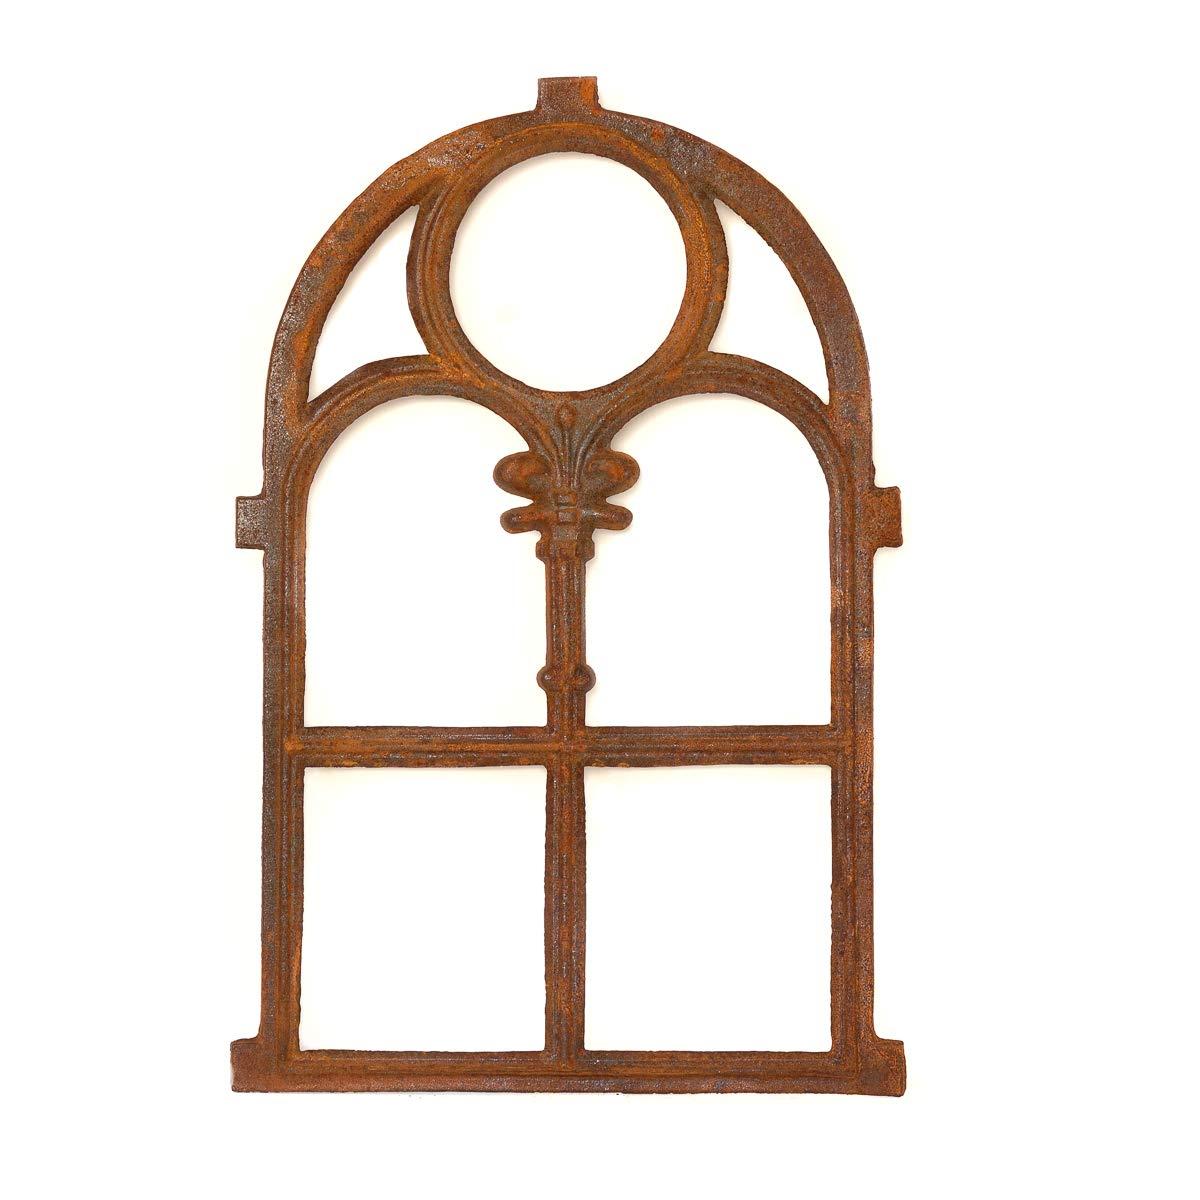 Antikas Stallfenster aus Gusseisen in Antik Optik | ca. 72,5 x 45,5 cm| Eisenfenster fü r Gartenmauer (rostig), rustikaler Look, Kirchenfenster